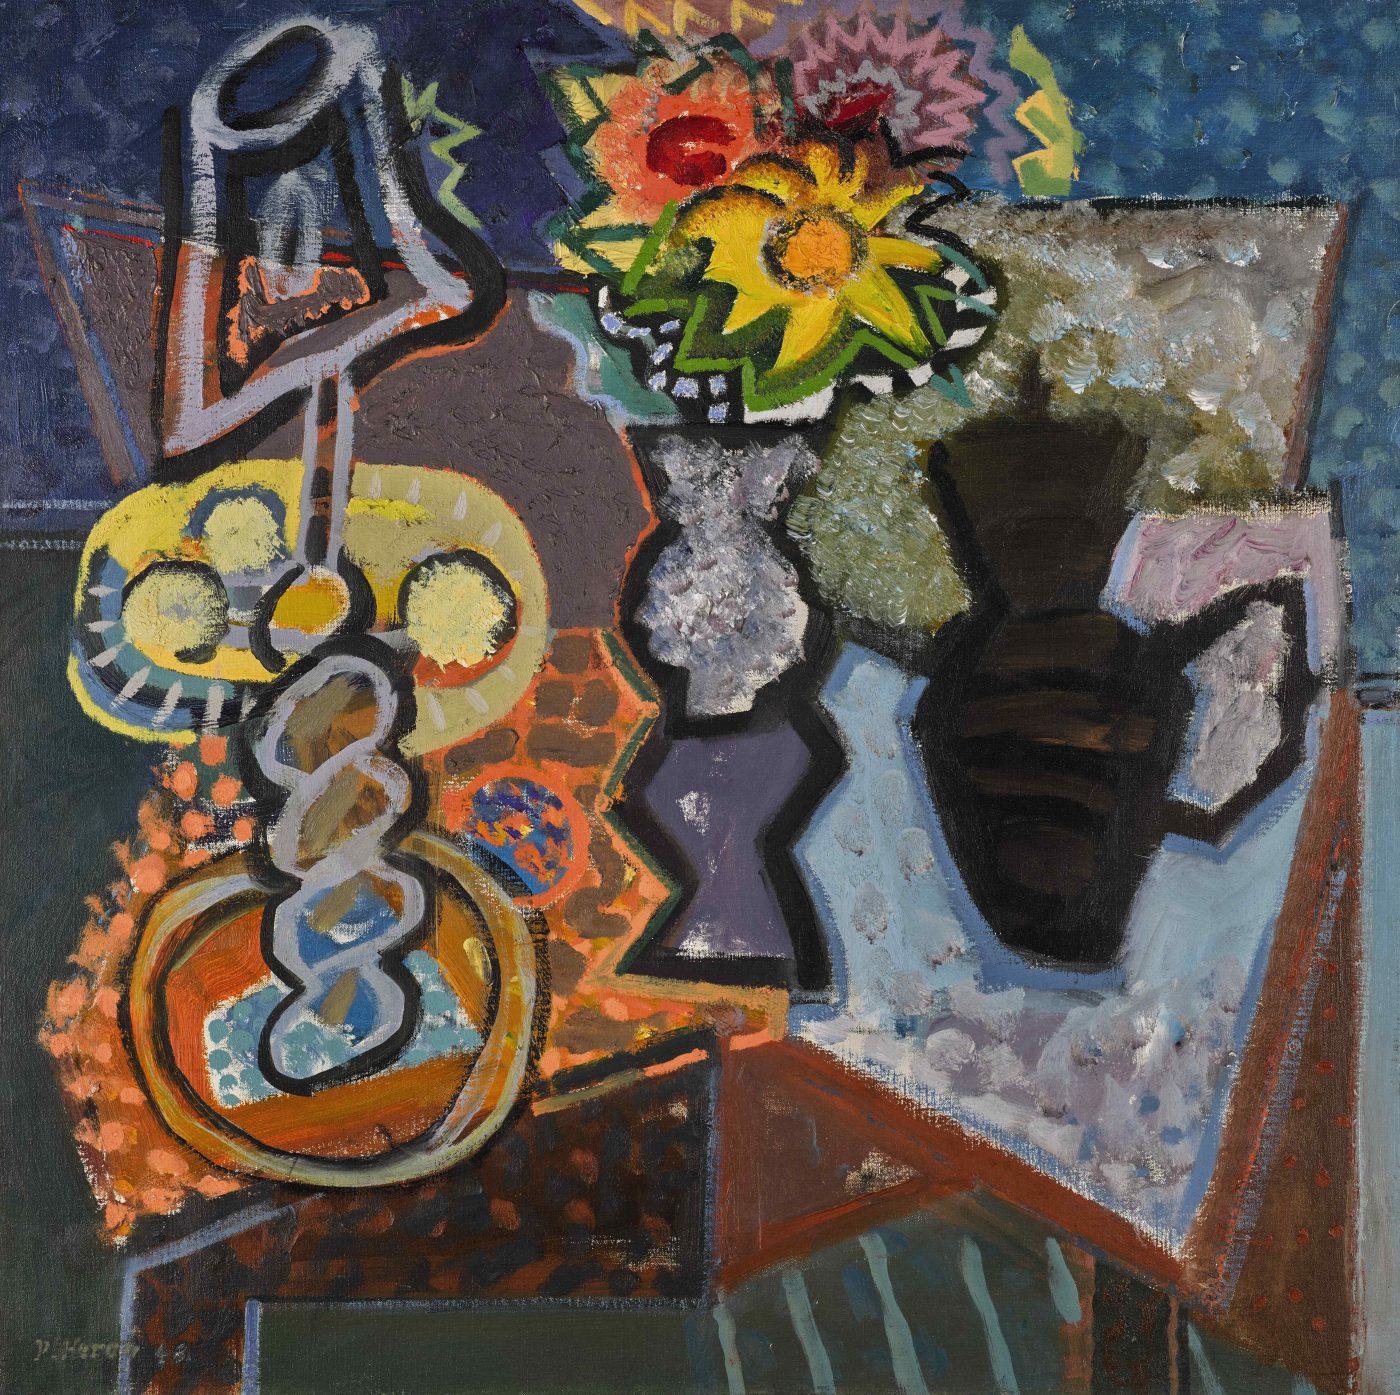 Patrick Heron (1920-1999), Lamp, Dahlias and Sunflower